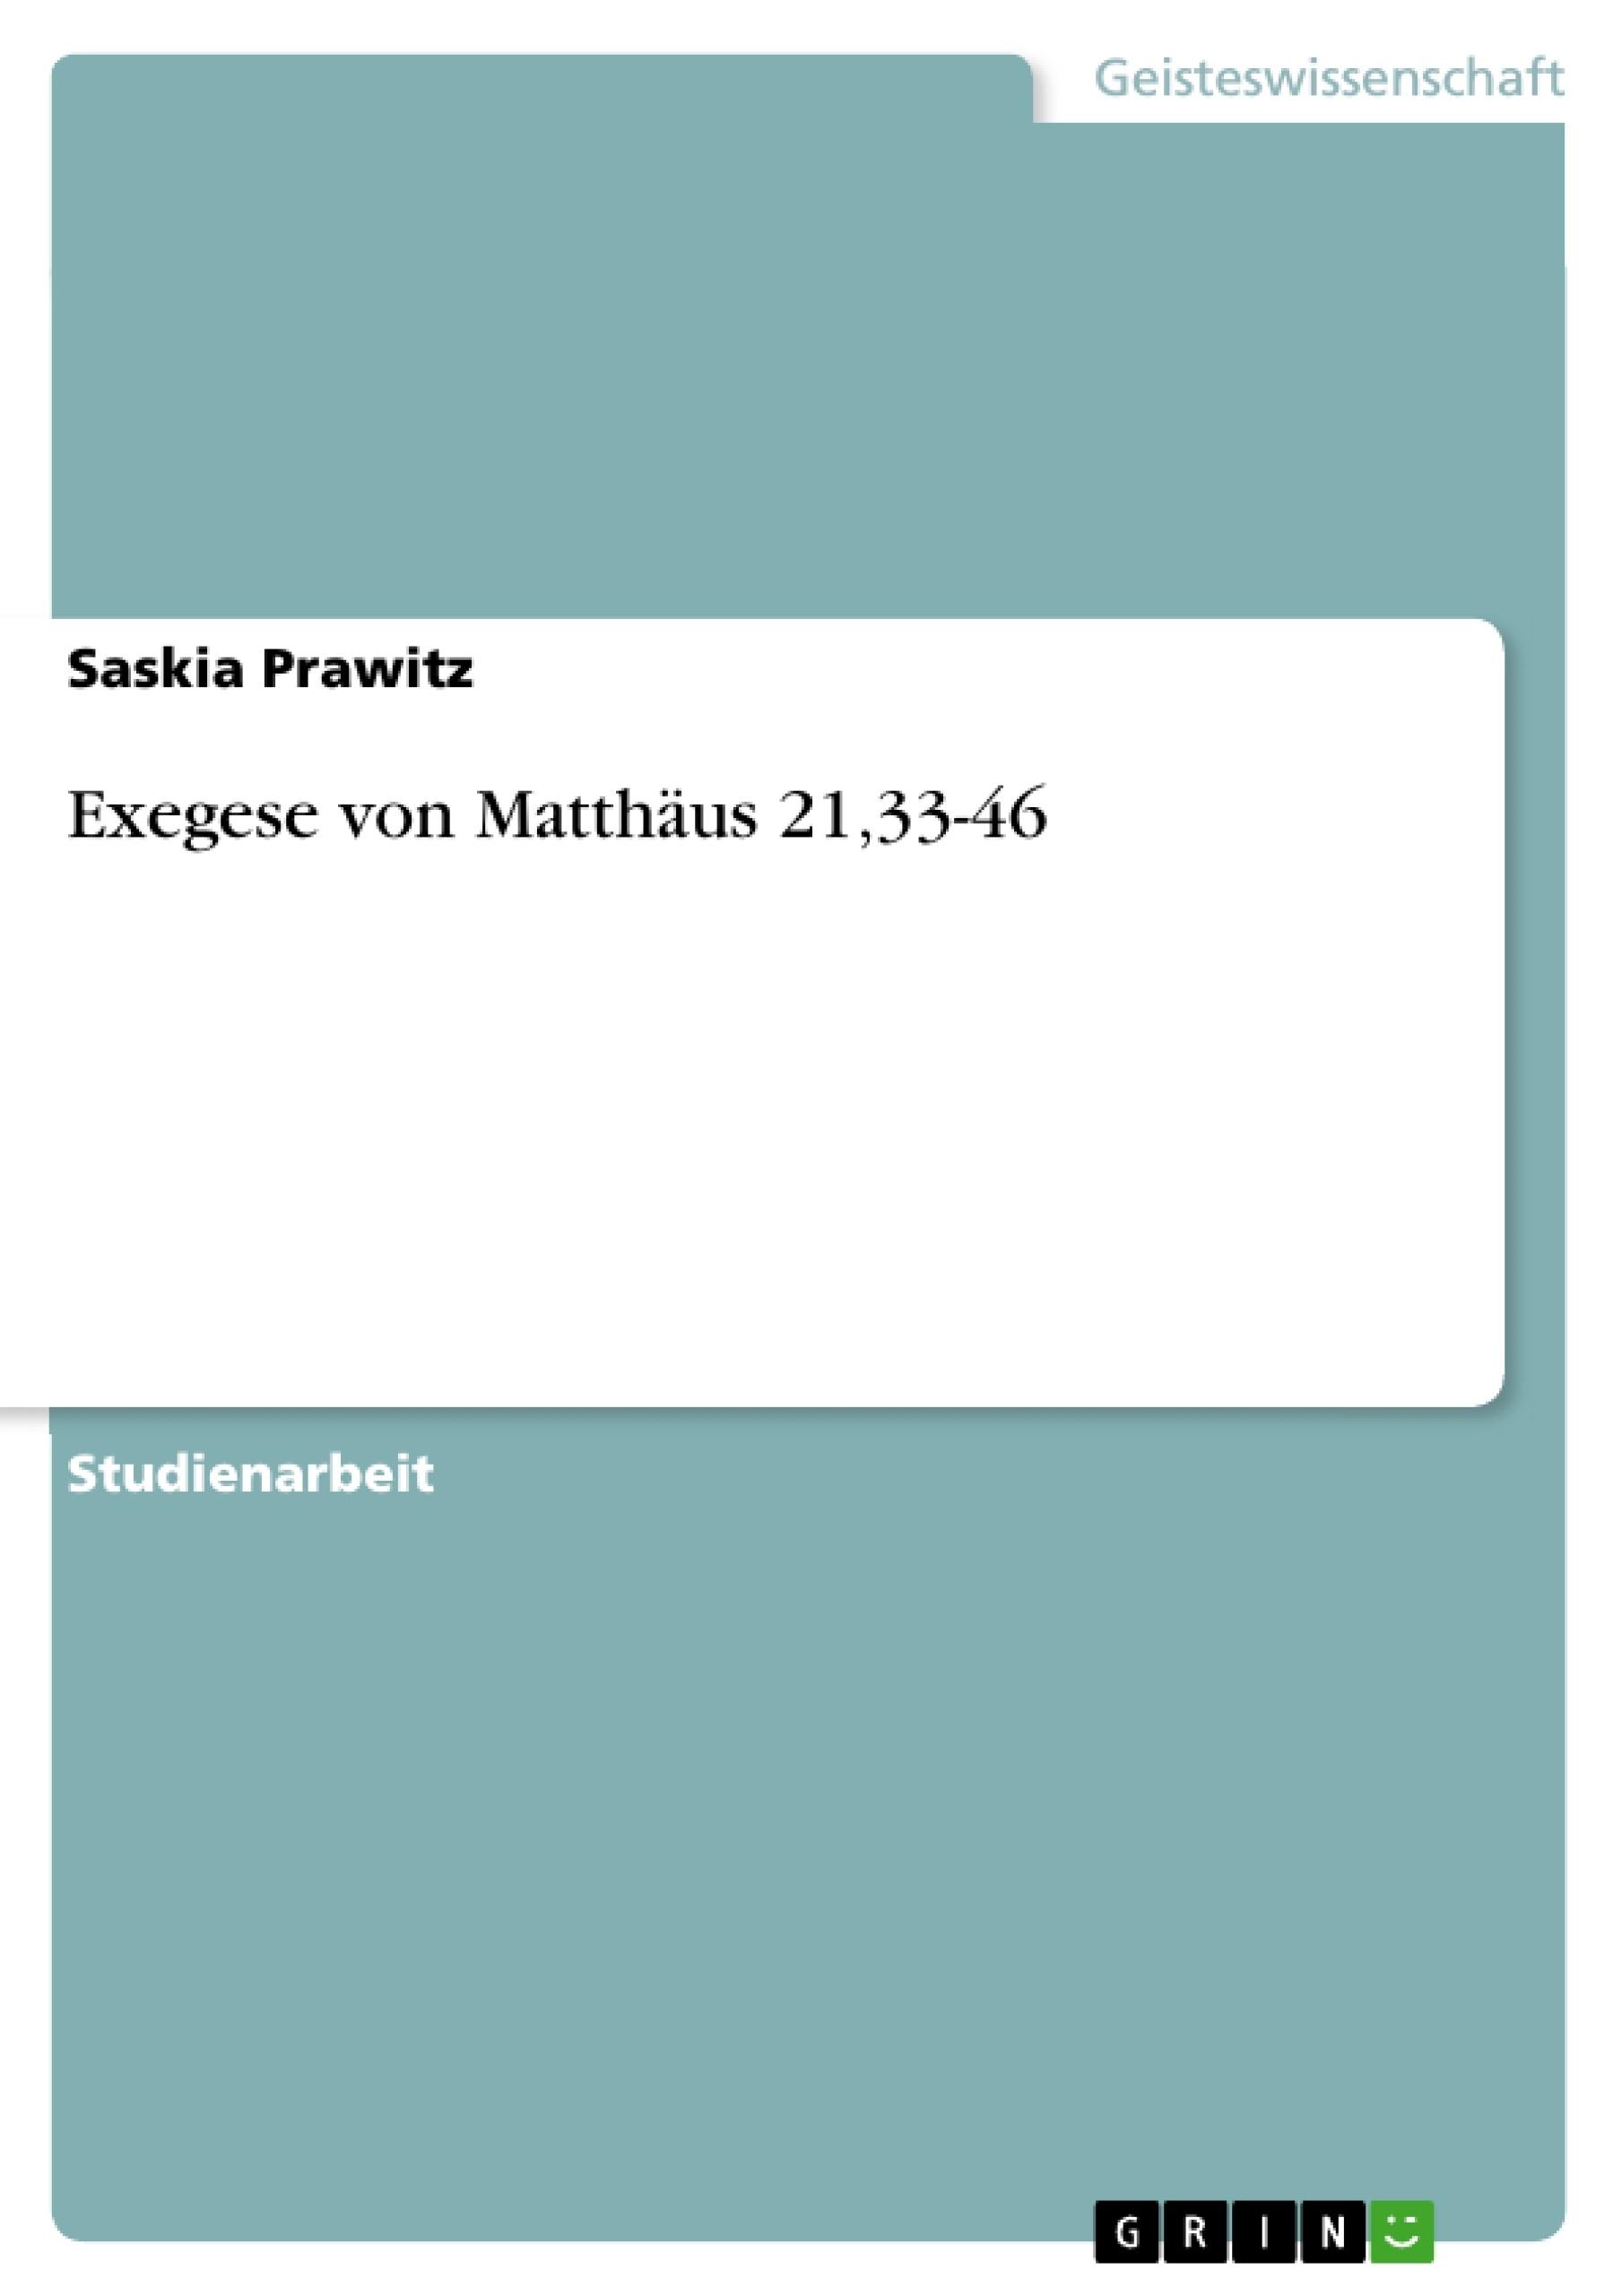 Titel: Exegese von Matthäus 21,33-46